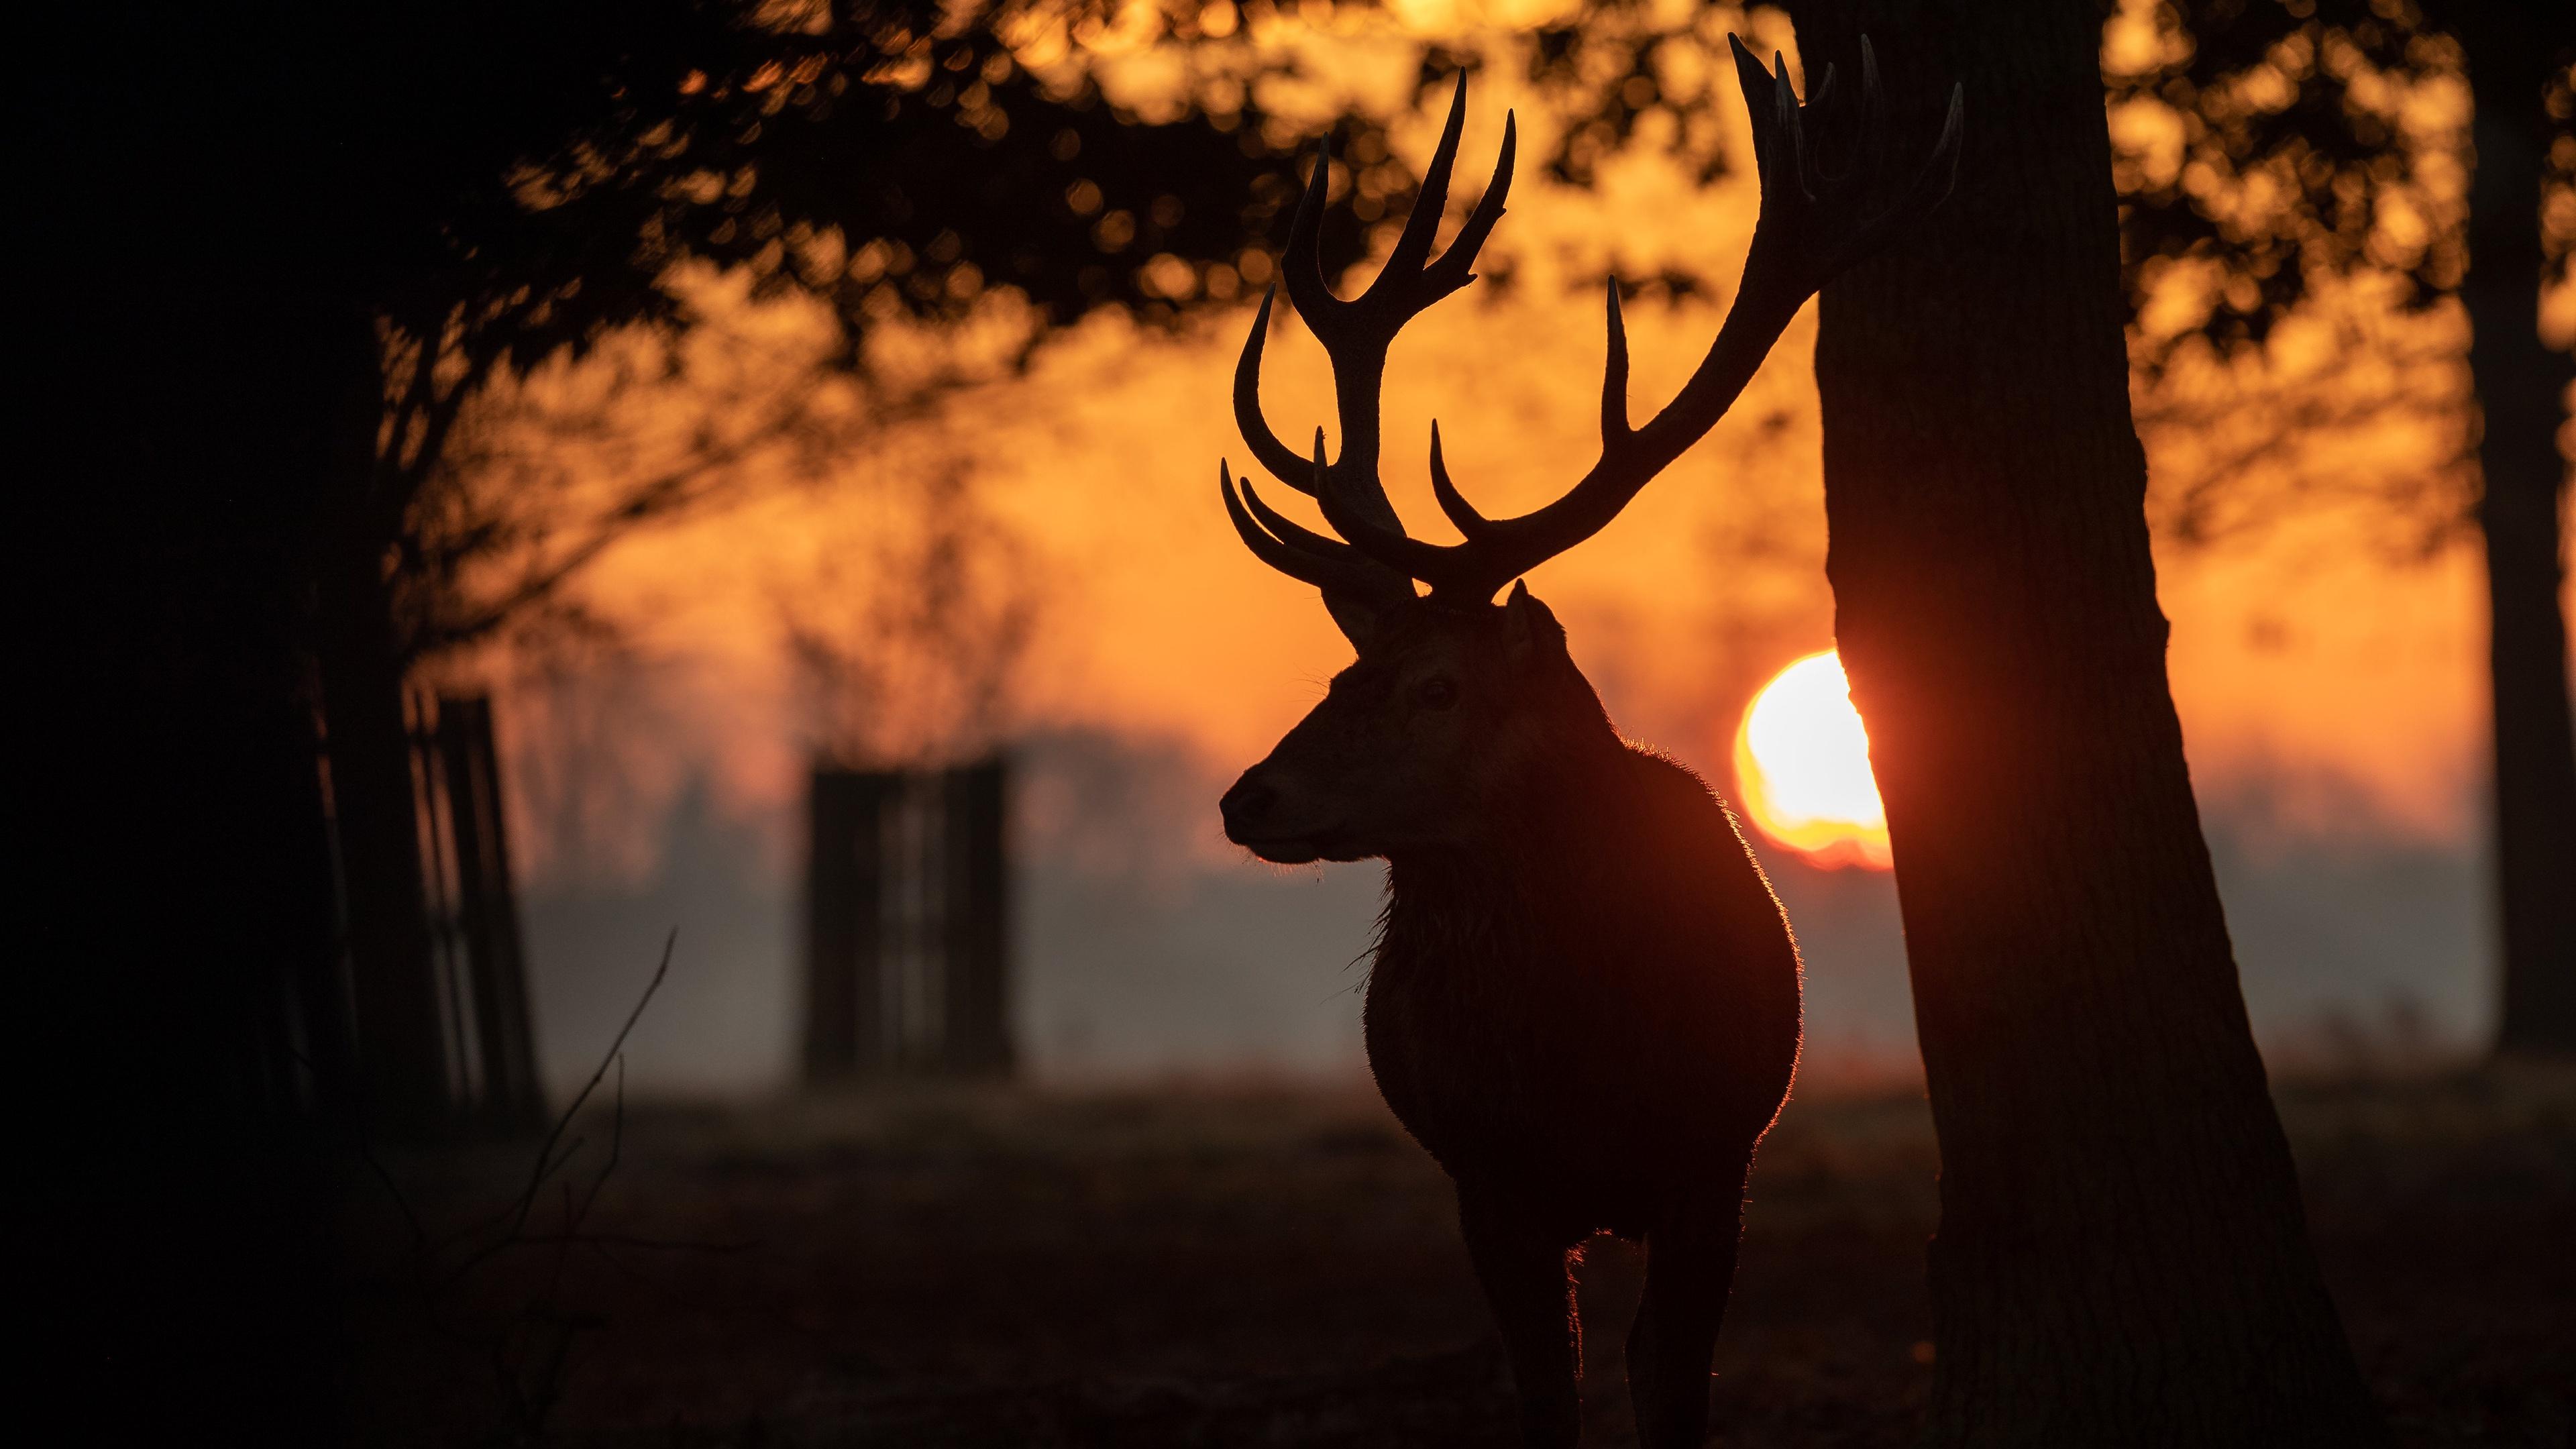 Картинка Олени Рога Силуэт Солнце рассвет и закат Животные 3840x2160 силуэты силуэта с рогами солнца Рассветы и закаты животное